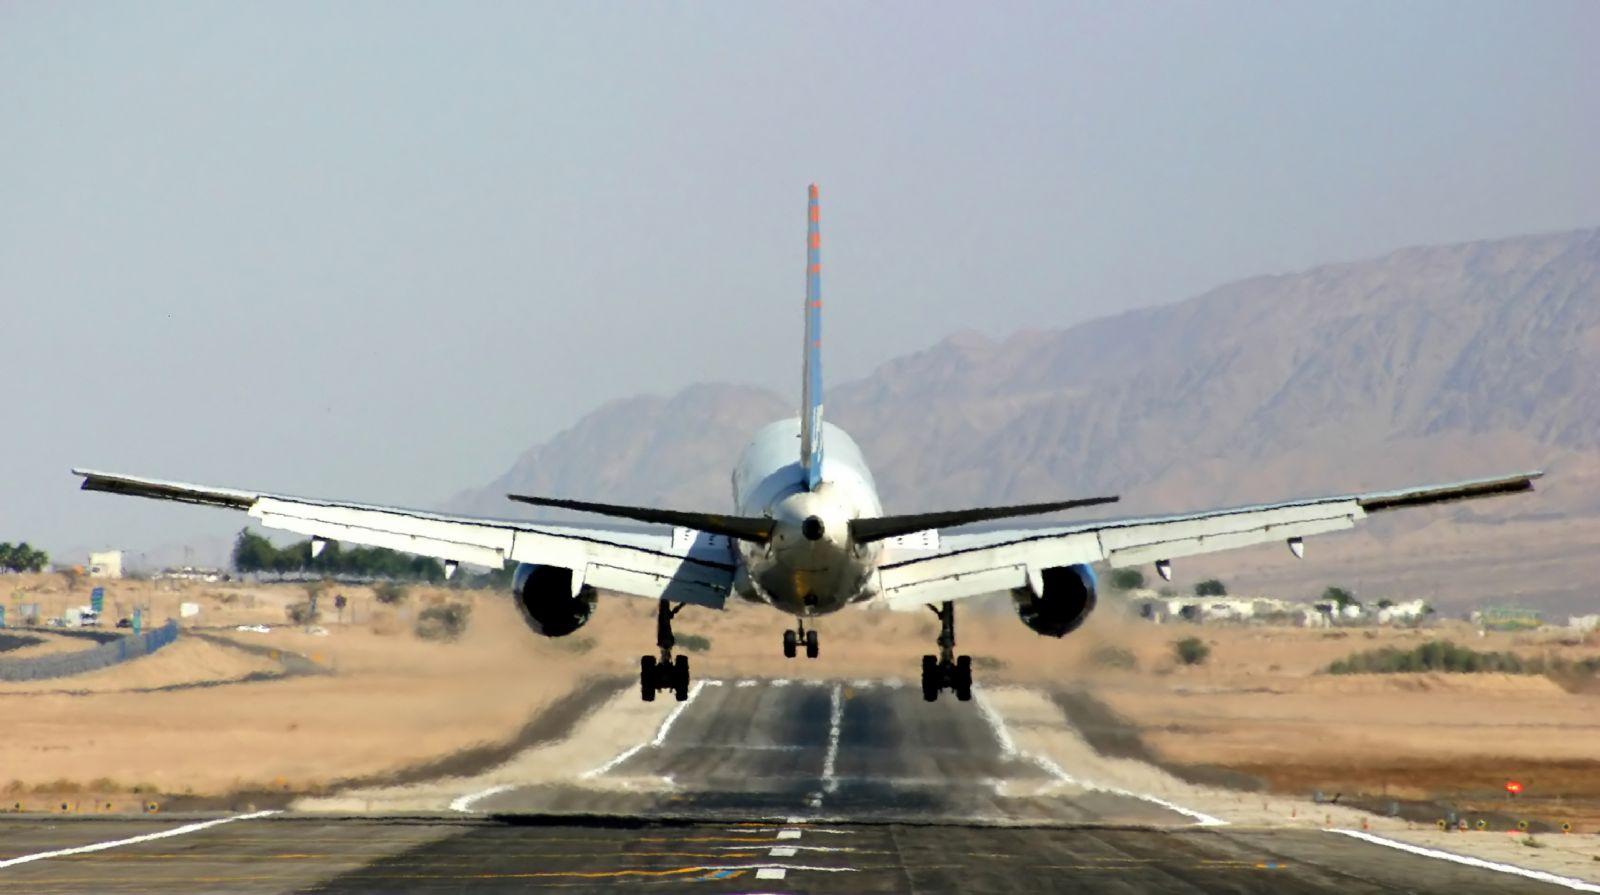 נחיתת חירום של מטוס ארקיע בשדה התעופה באילת.